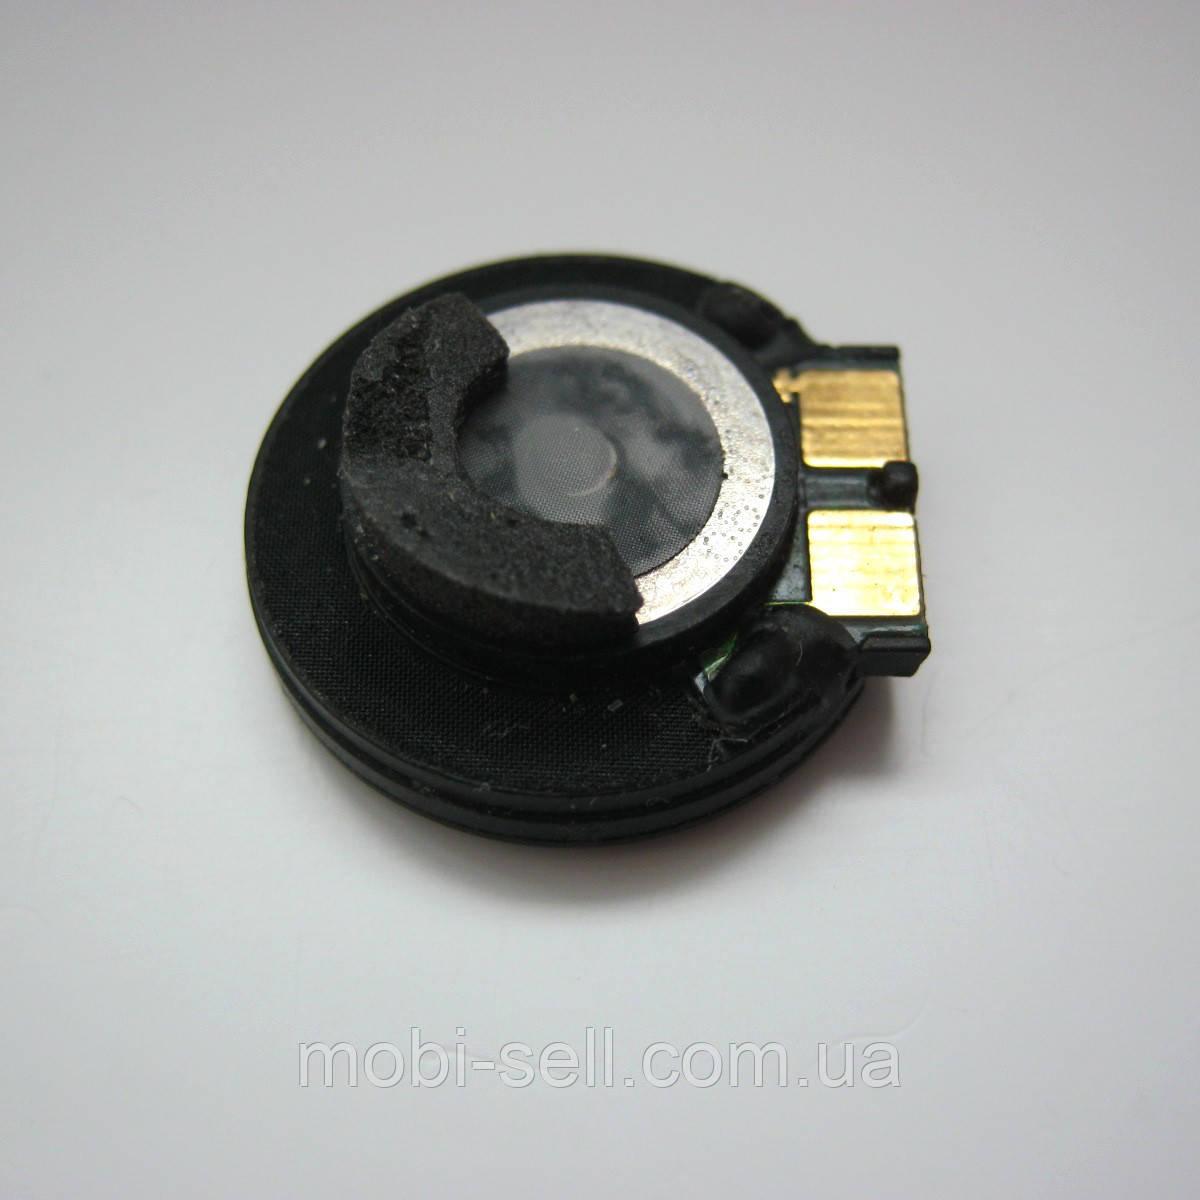 Звонок для мобильных телефонов Sony Ericsson K310, K510, K600, K610, W200, W205, Z610